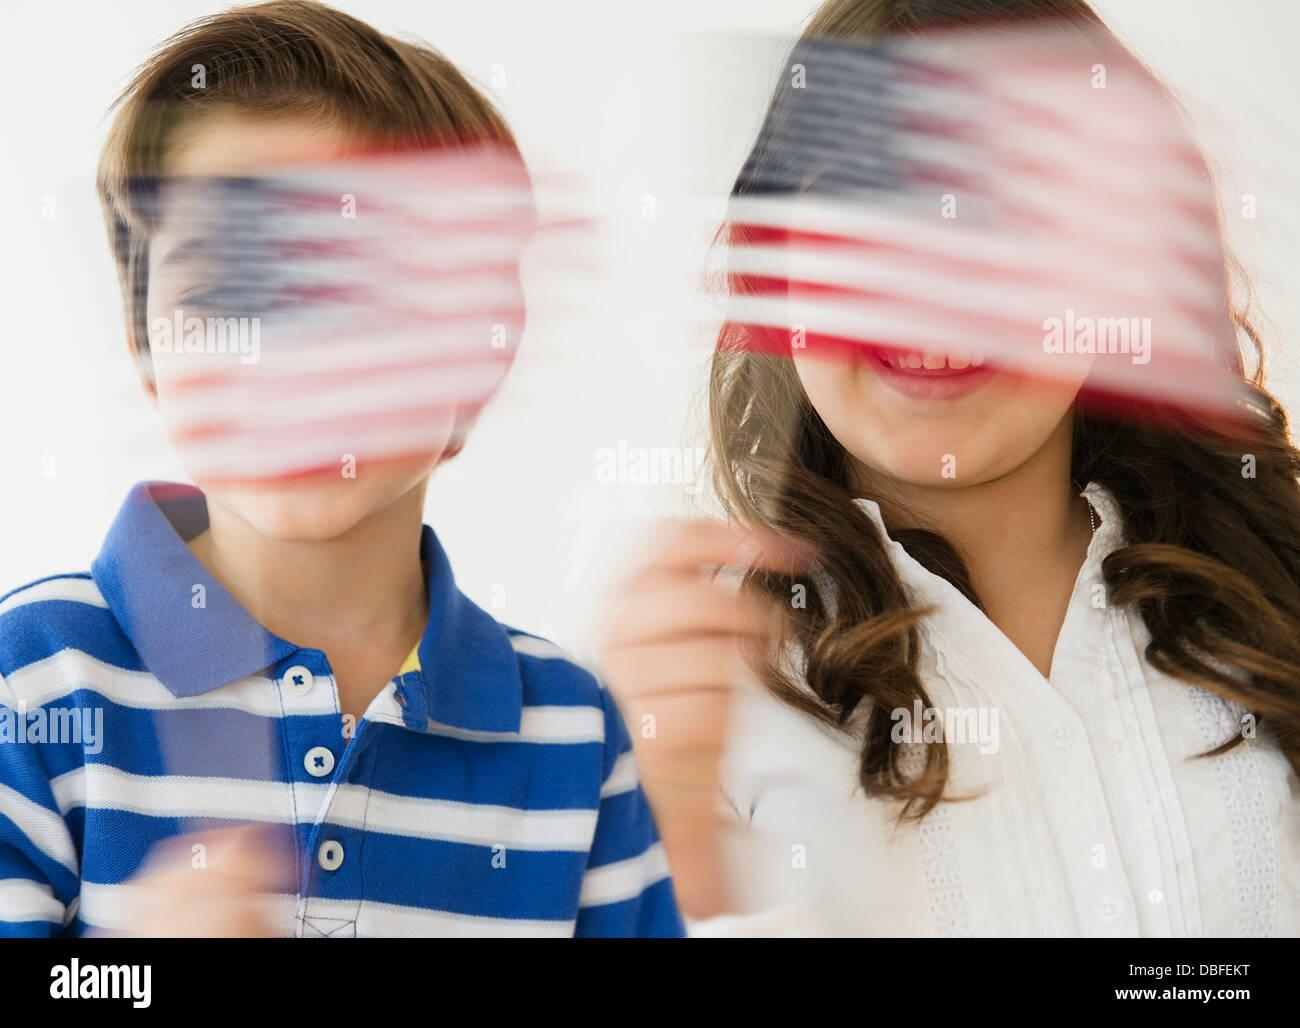 Hispanic children waving American flags Stock Photo